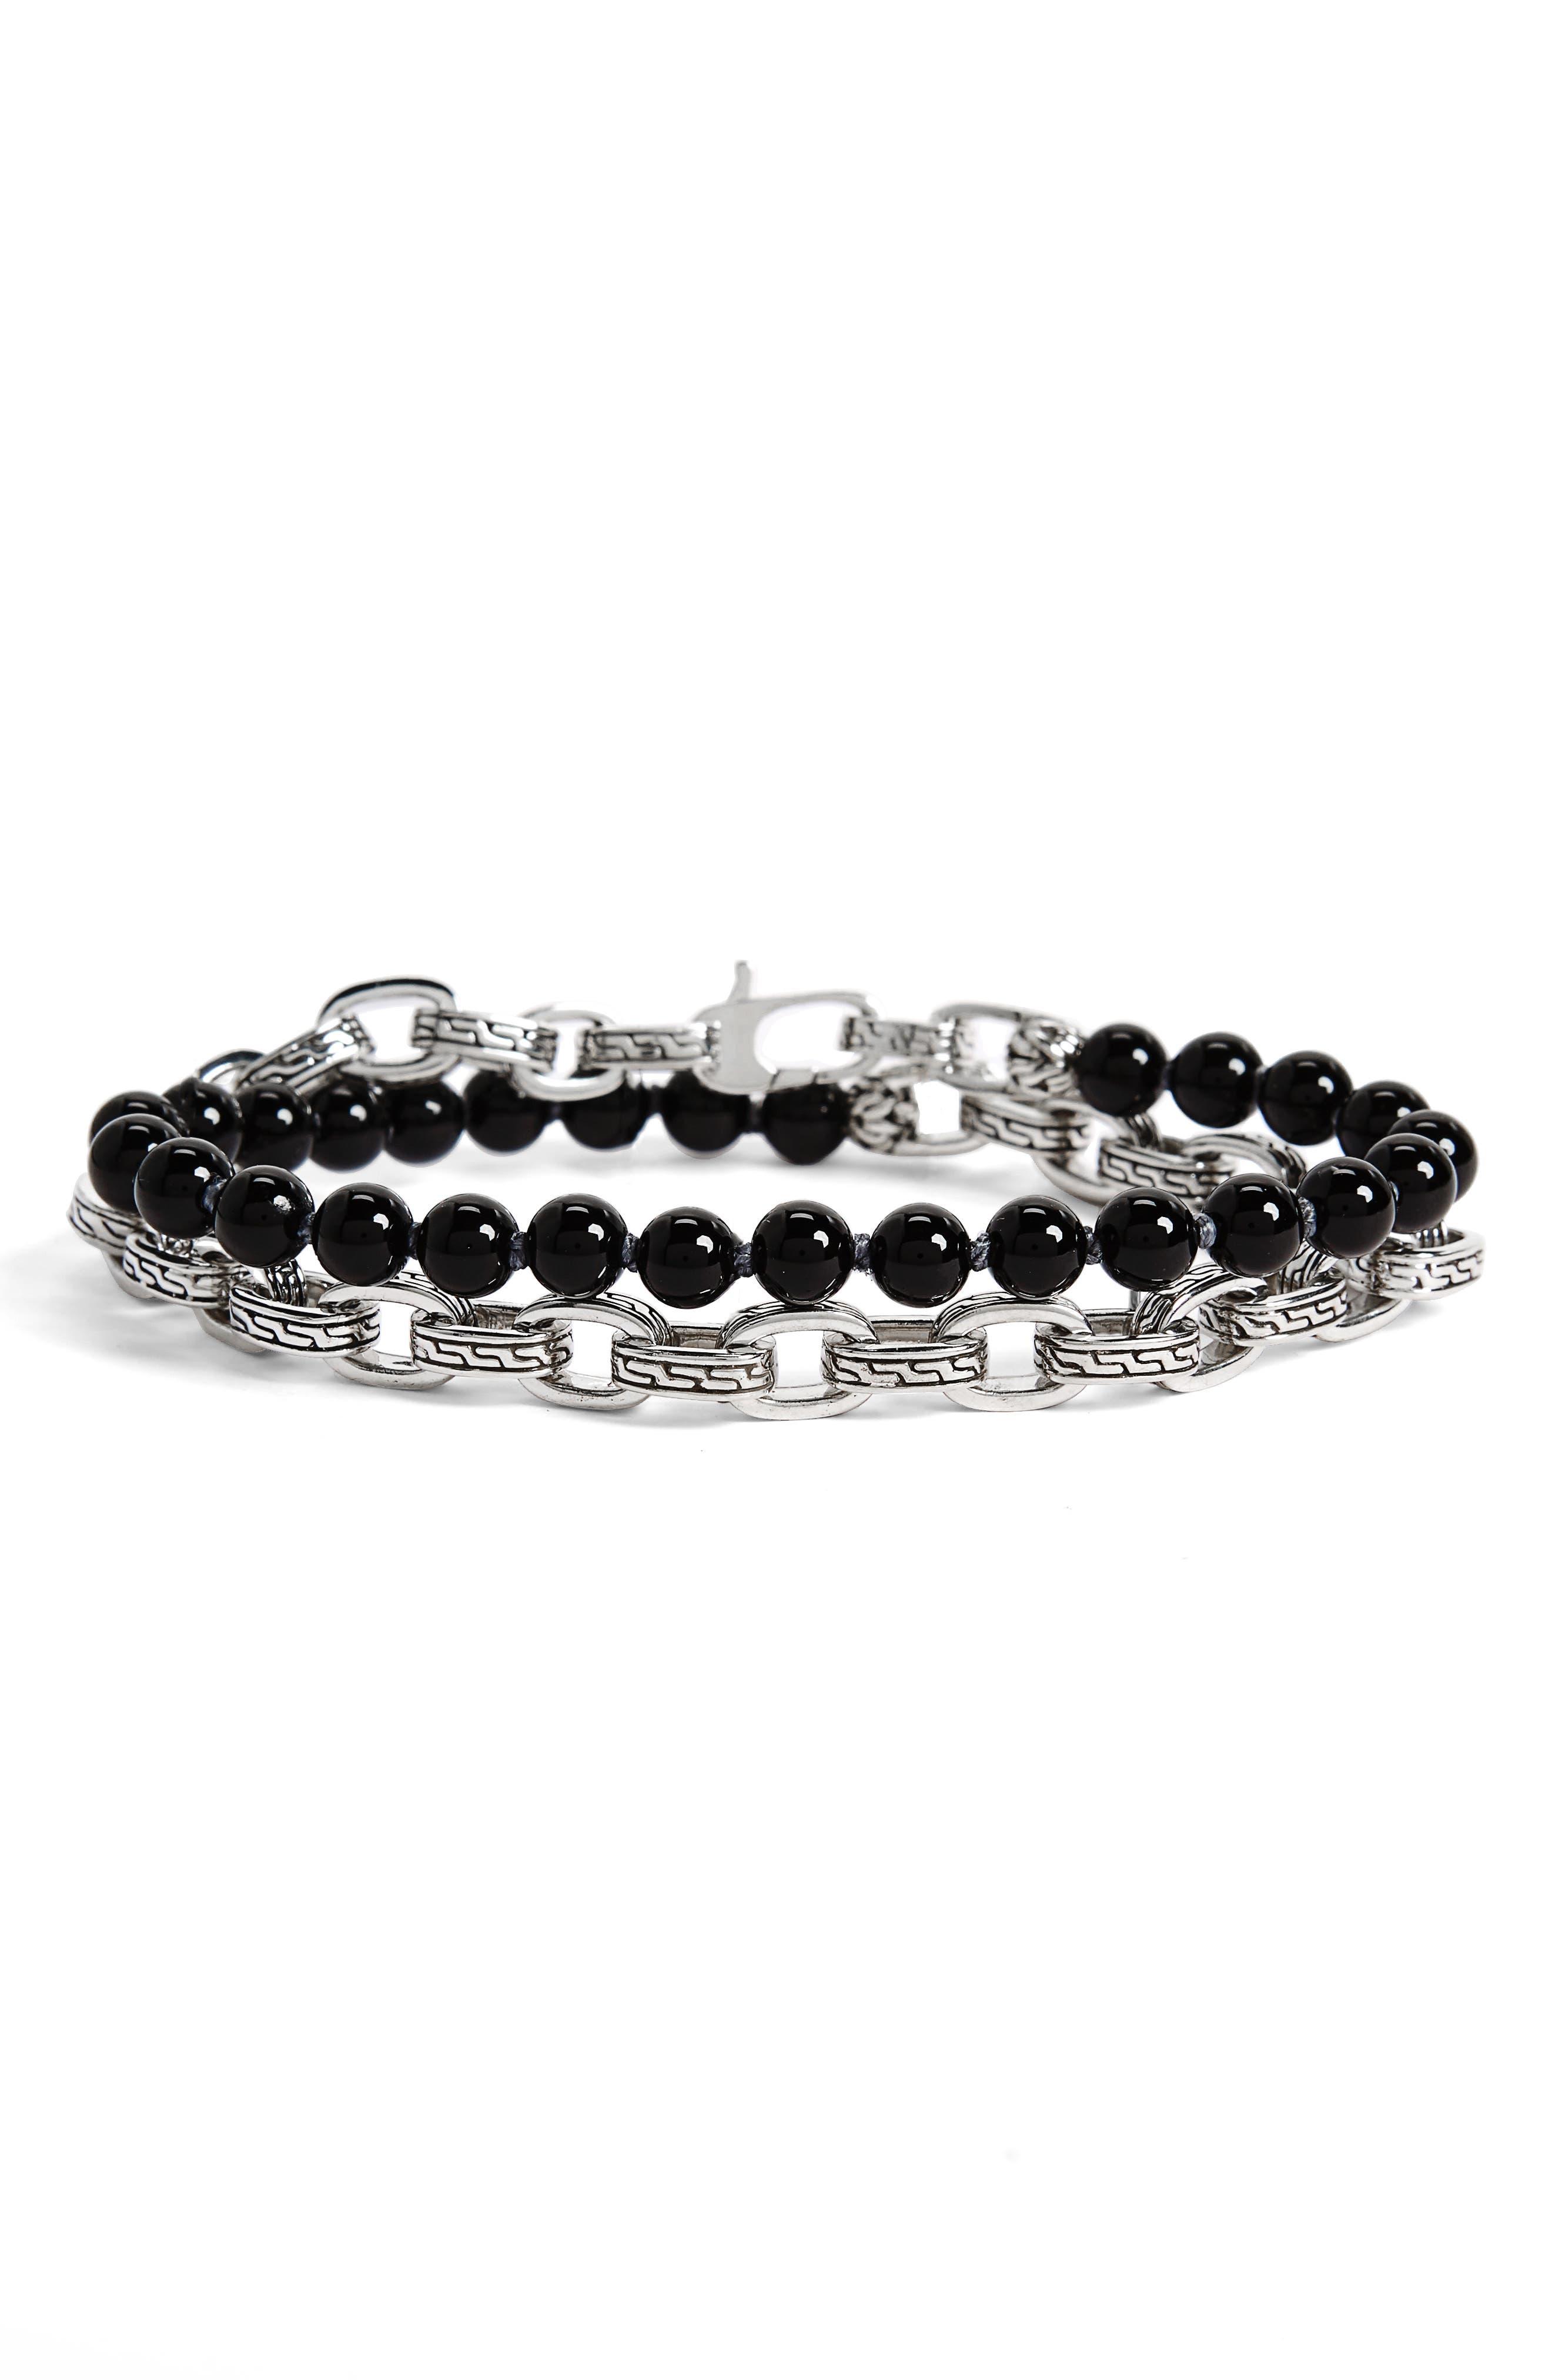 Classic Chain Black Onyx Double Wrap Bracelet,                         Main,                         color, Black Onyx/ Silver